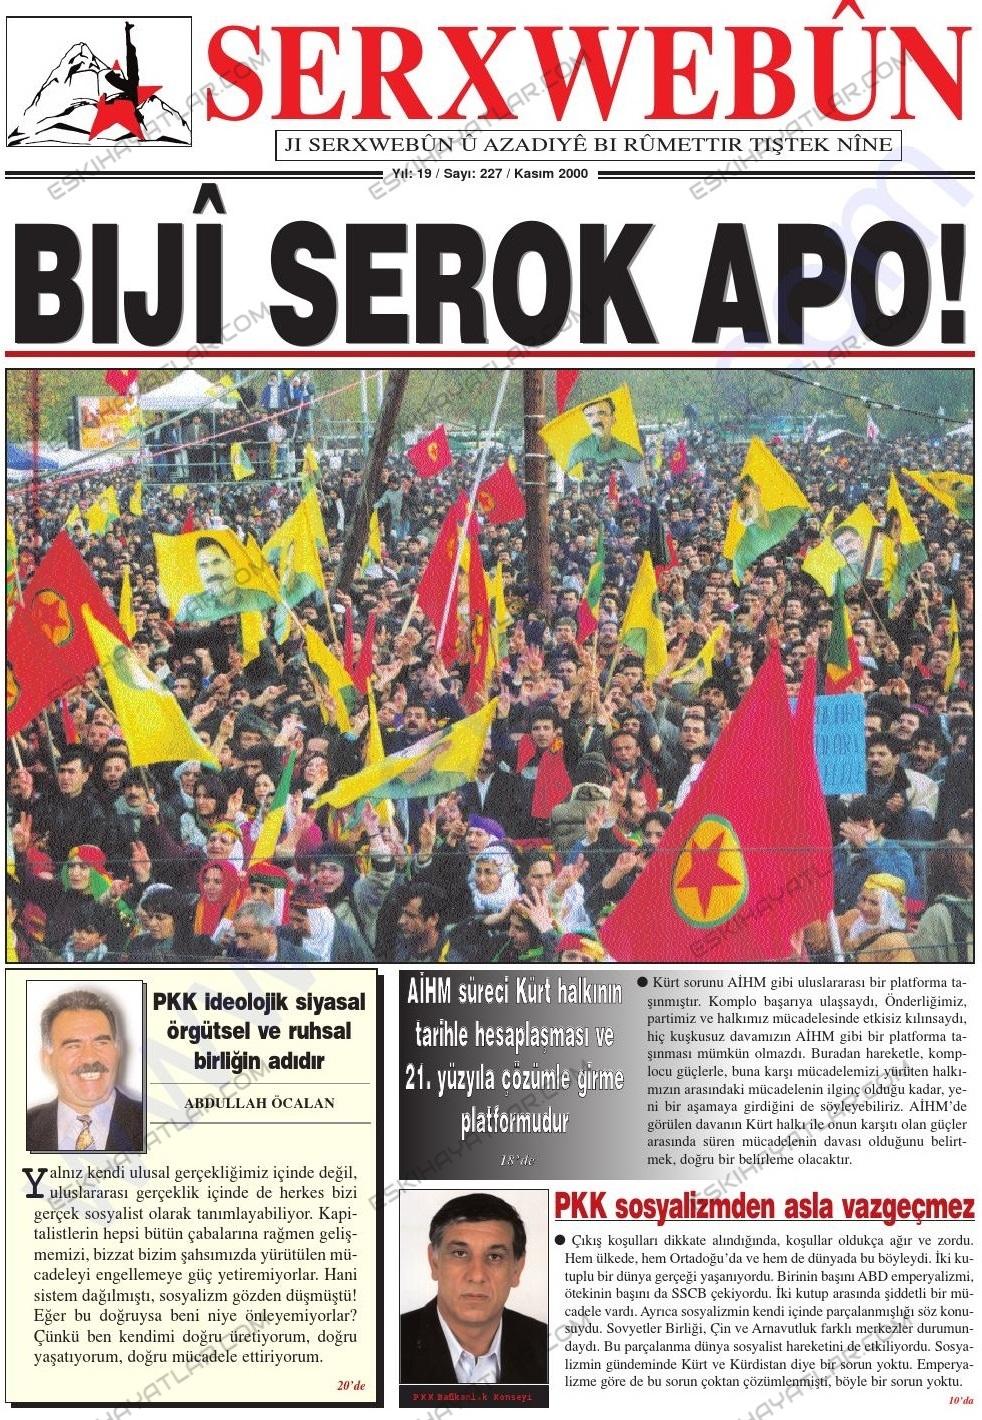 0223-serxwebun-gazete-arsivi-2000-biji-serok-apo-pkk-sosyalizm-iliskisi